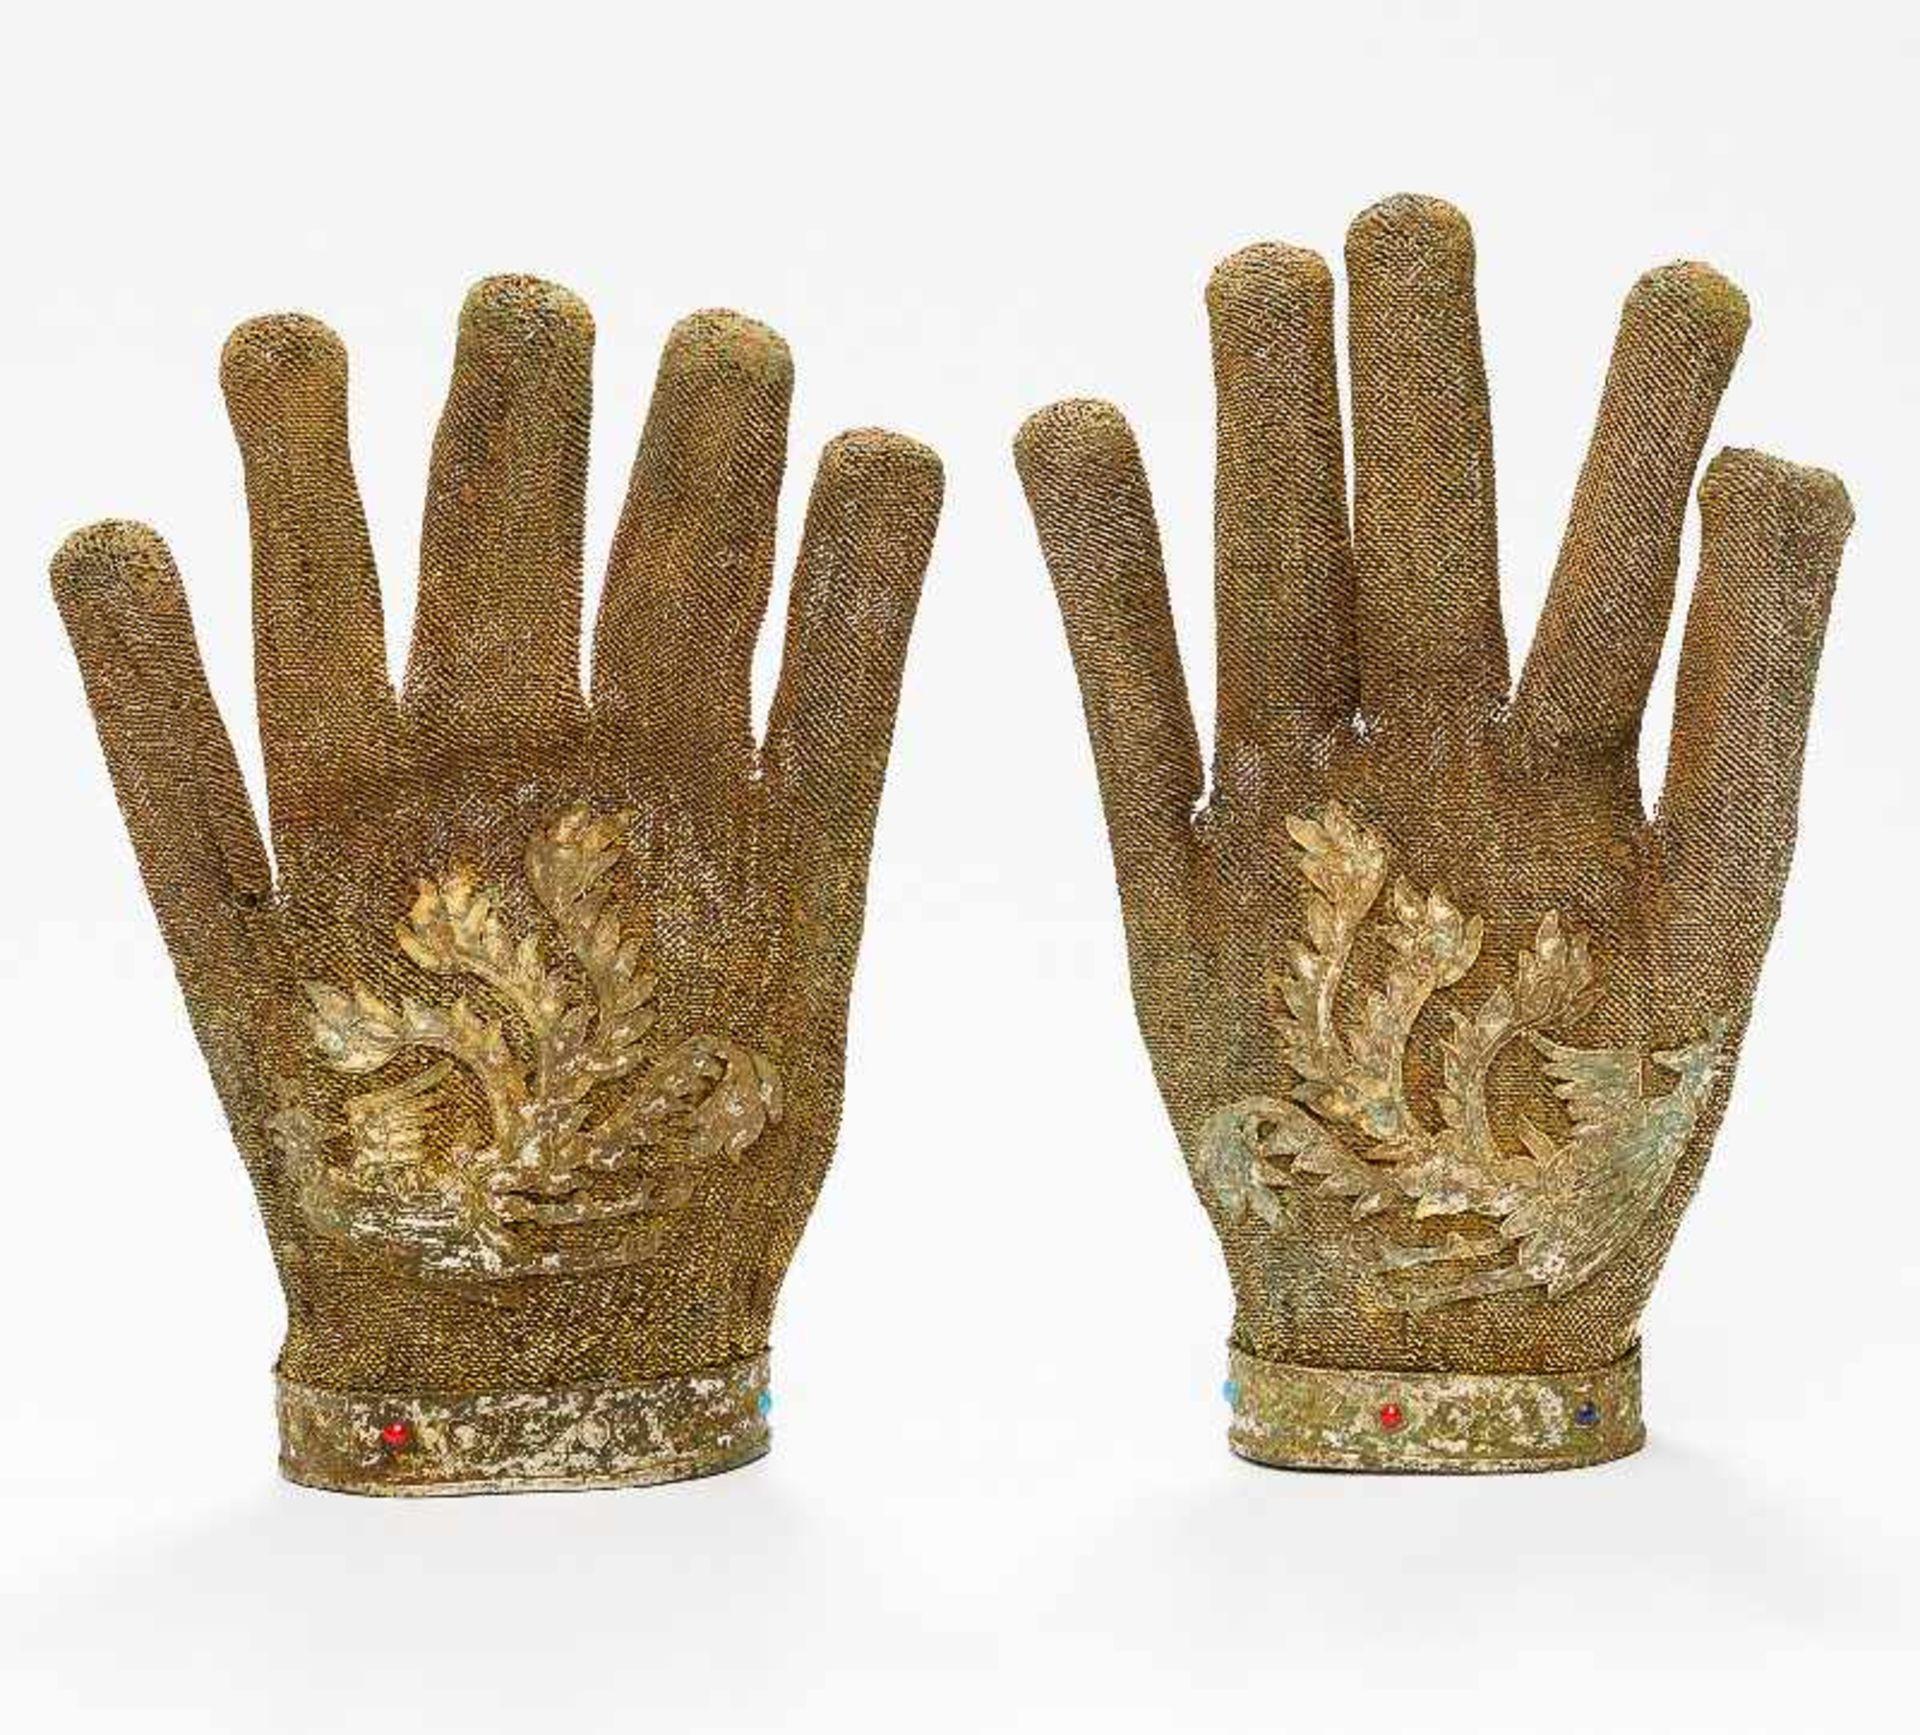 SELTENE HANDSCHUHE MIT PHÖNIX-DARSTELLUNGSilber (und Kupfer?), vergoldet, Einlagen. China, - Image 3 of 5